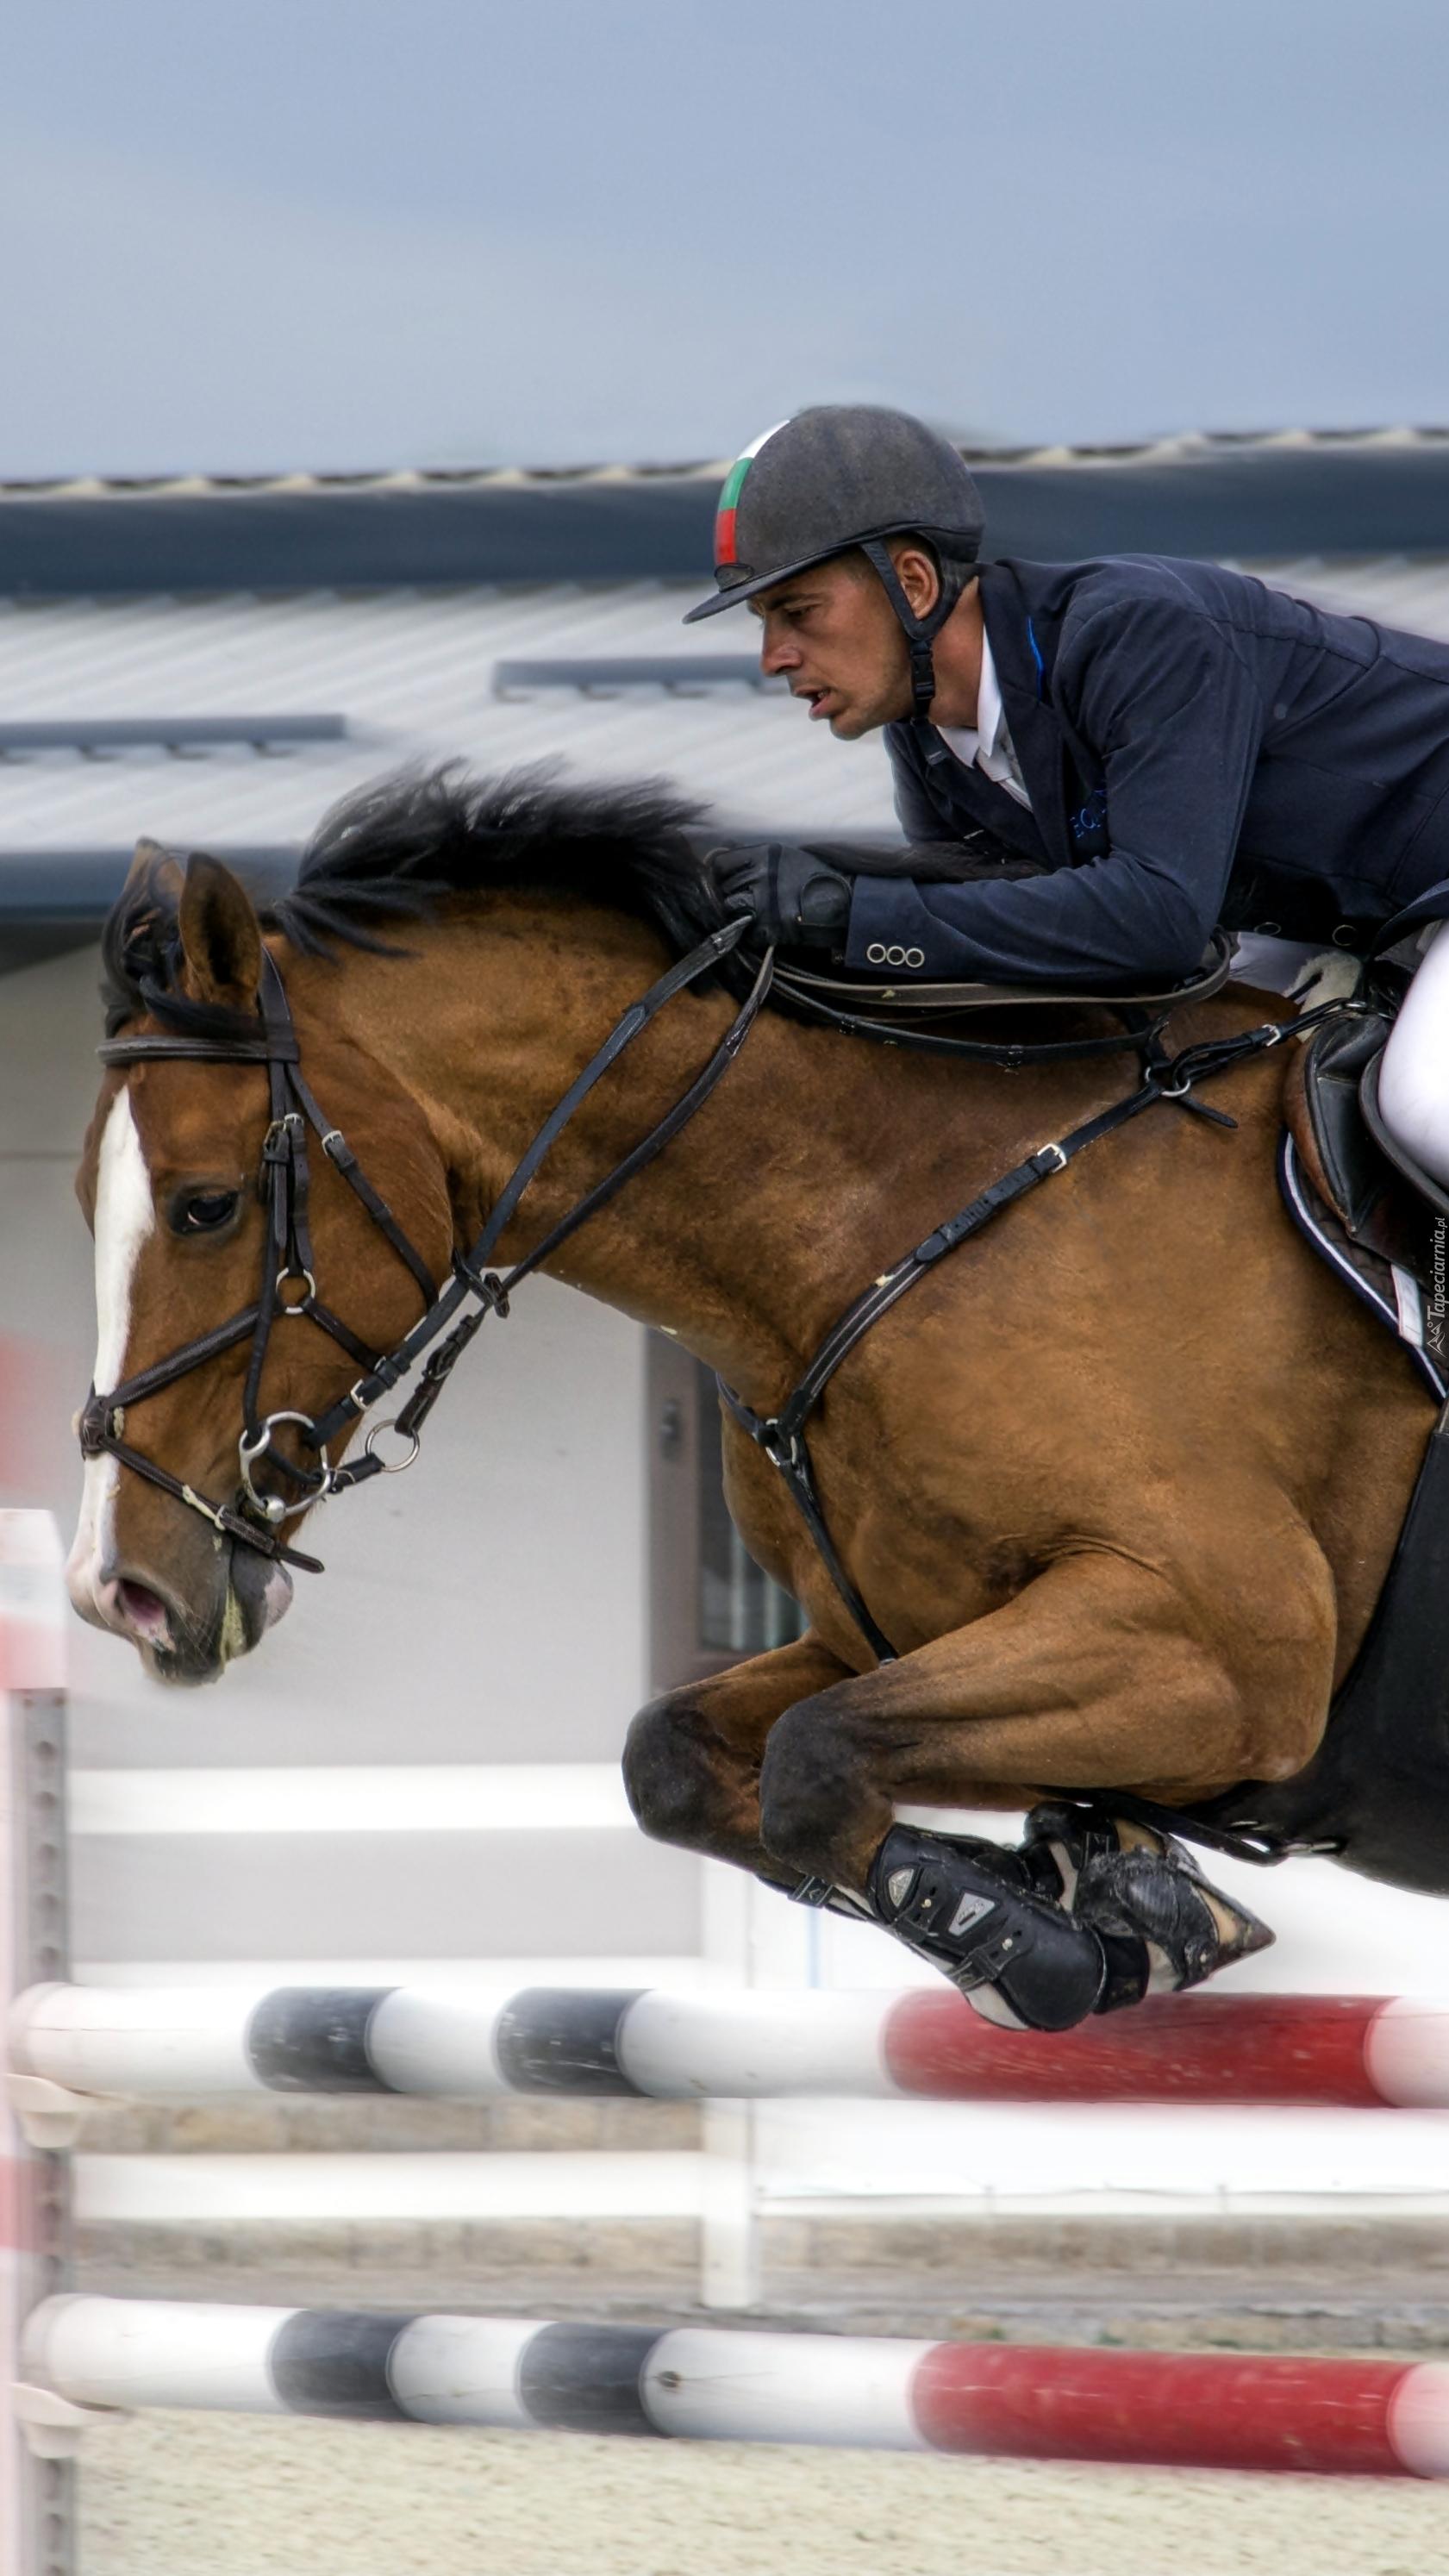 Dżokej na koniu podczas wyścigu